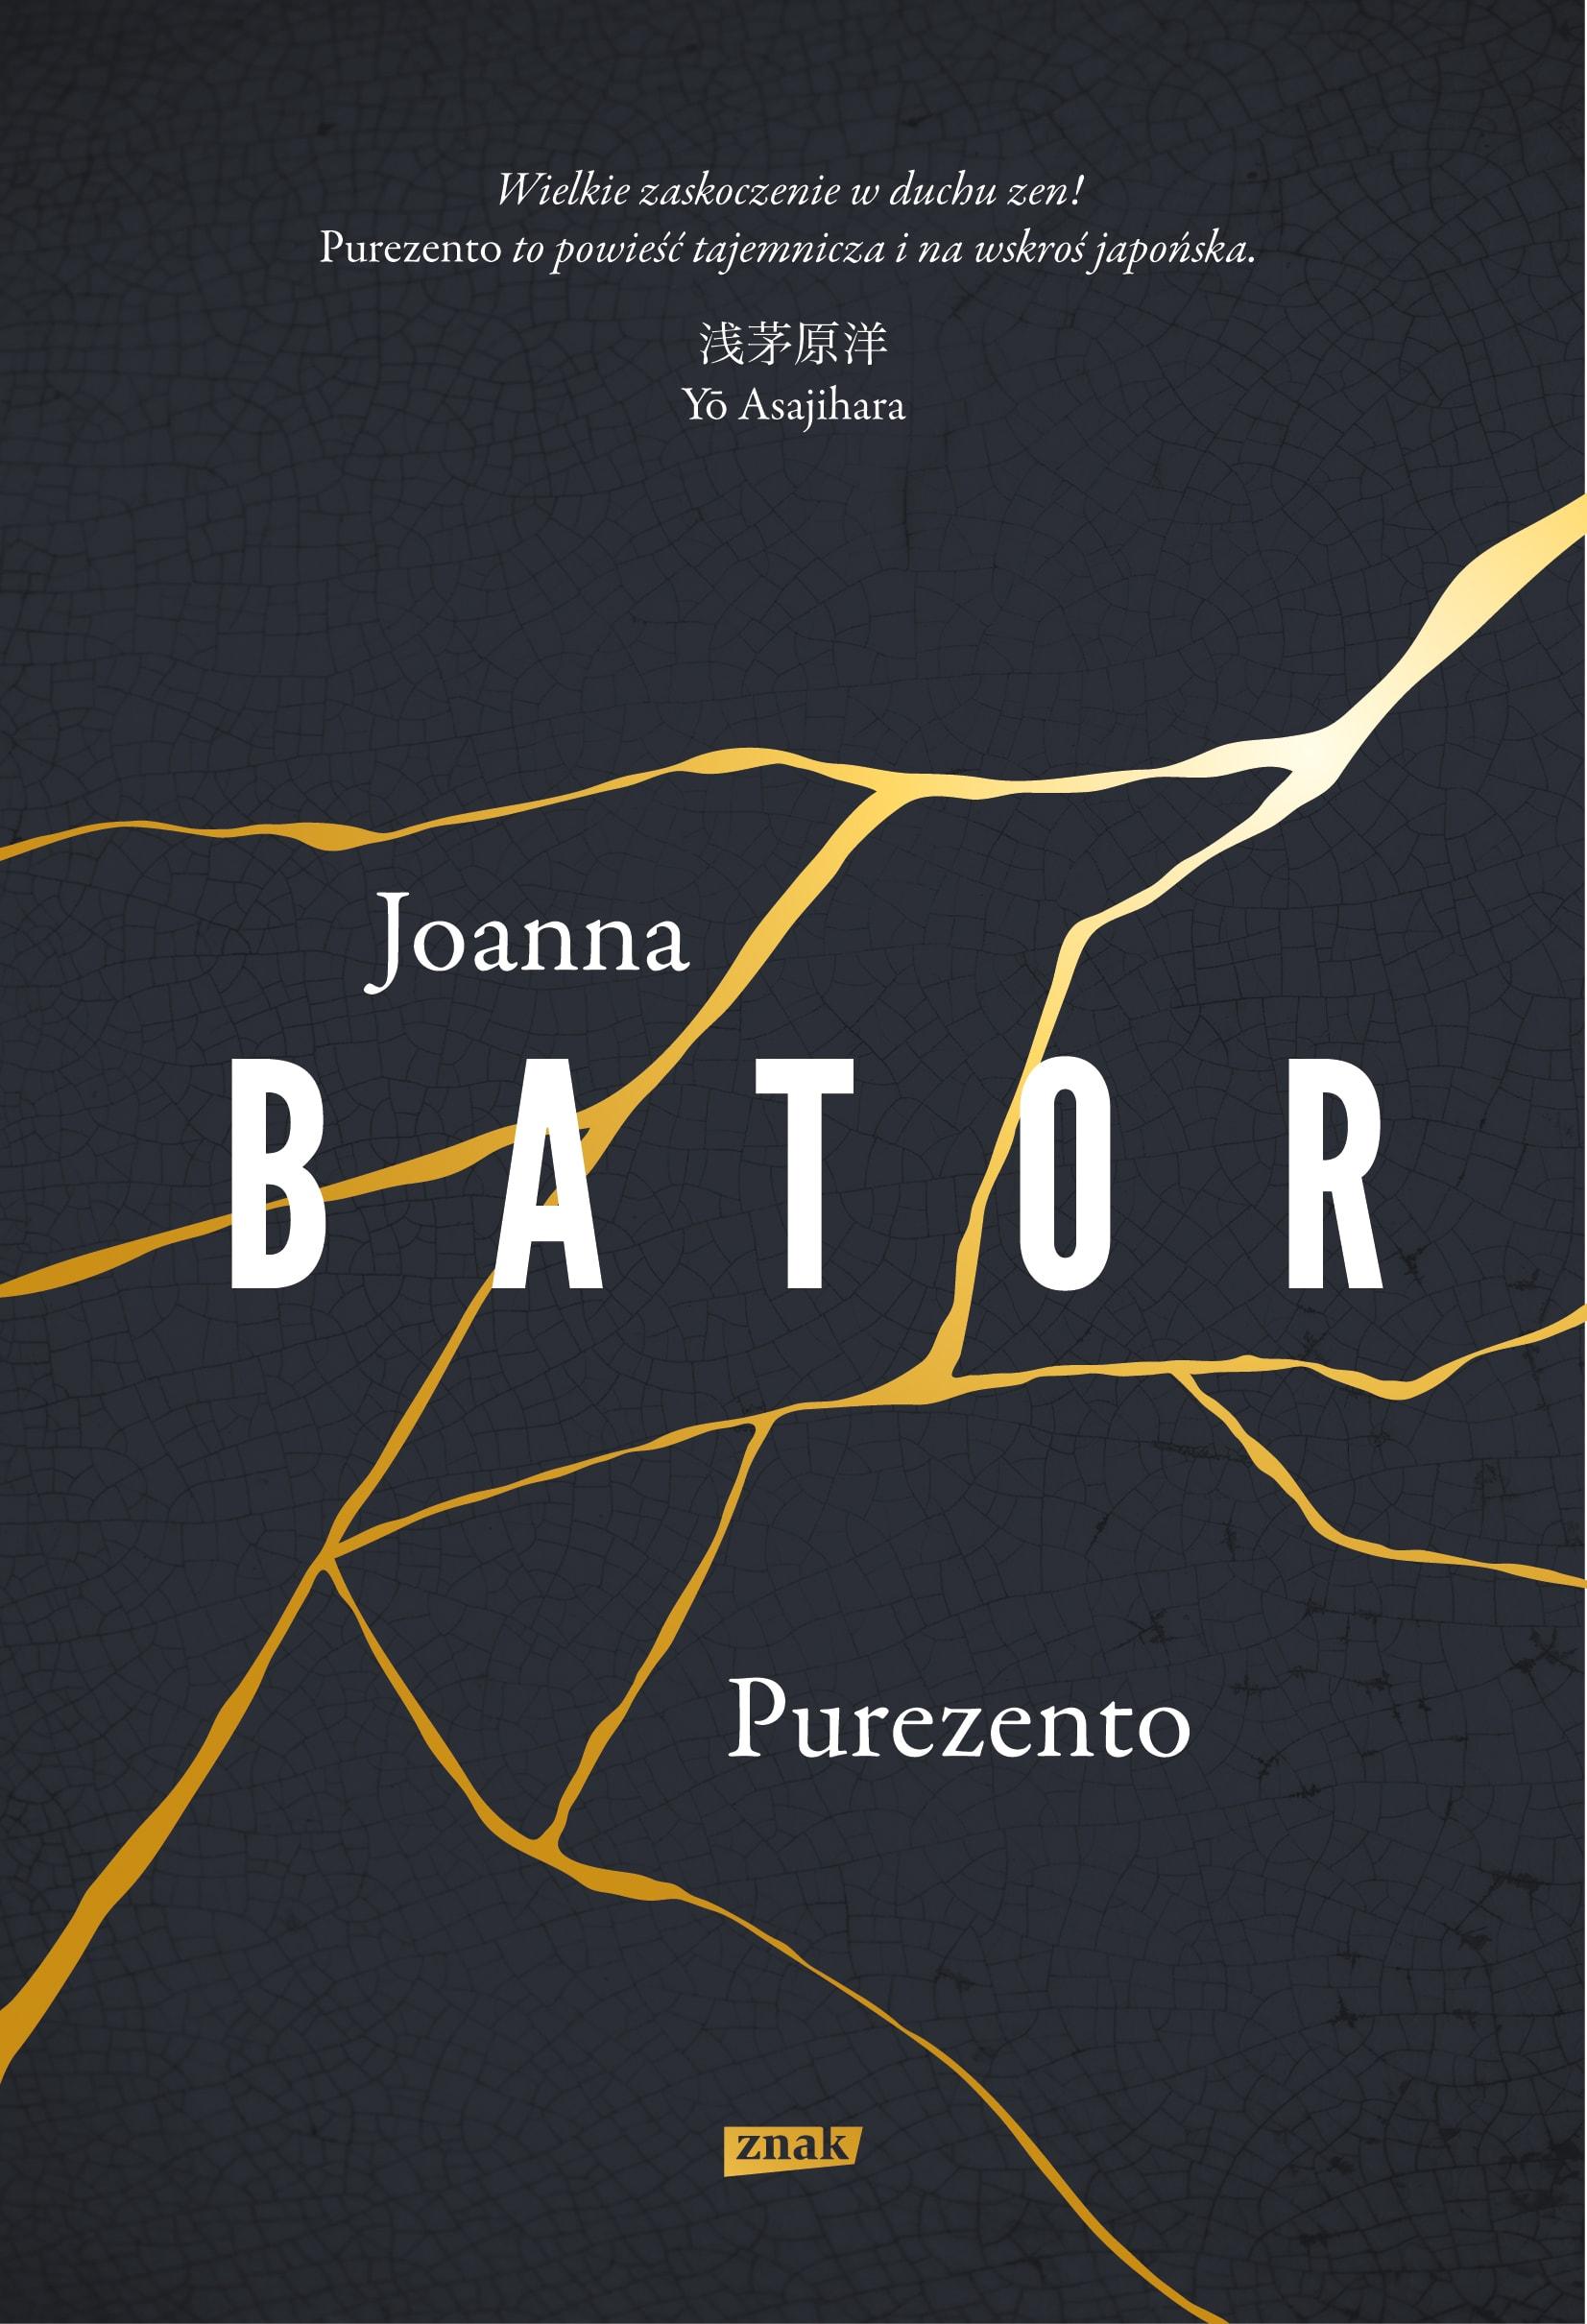 """Joanna Bator """"Purezento""""(źródło: materiały prasowe wydawcy)"""